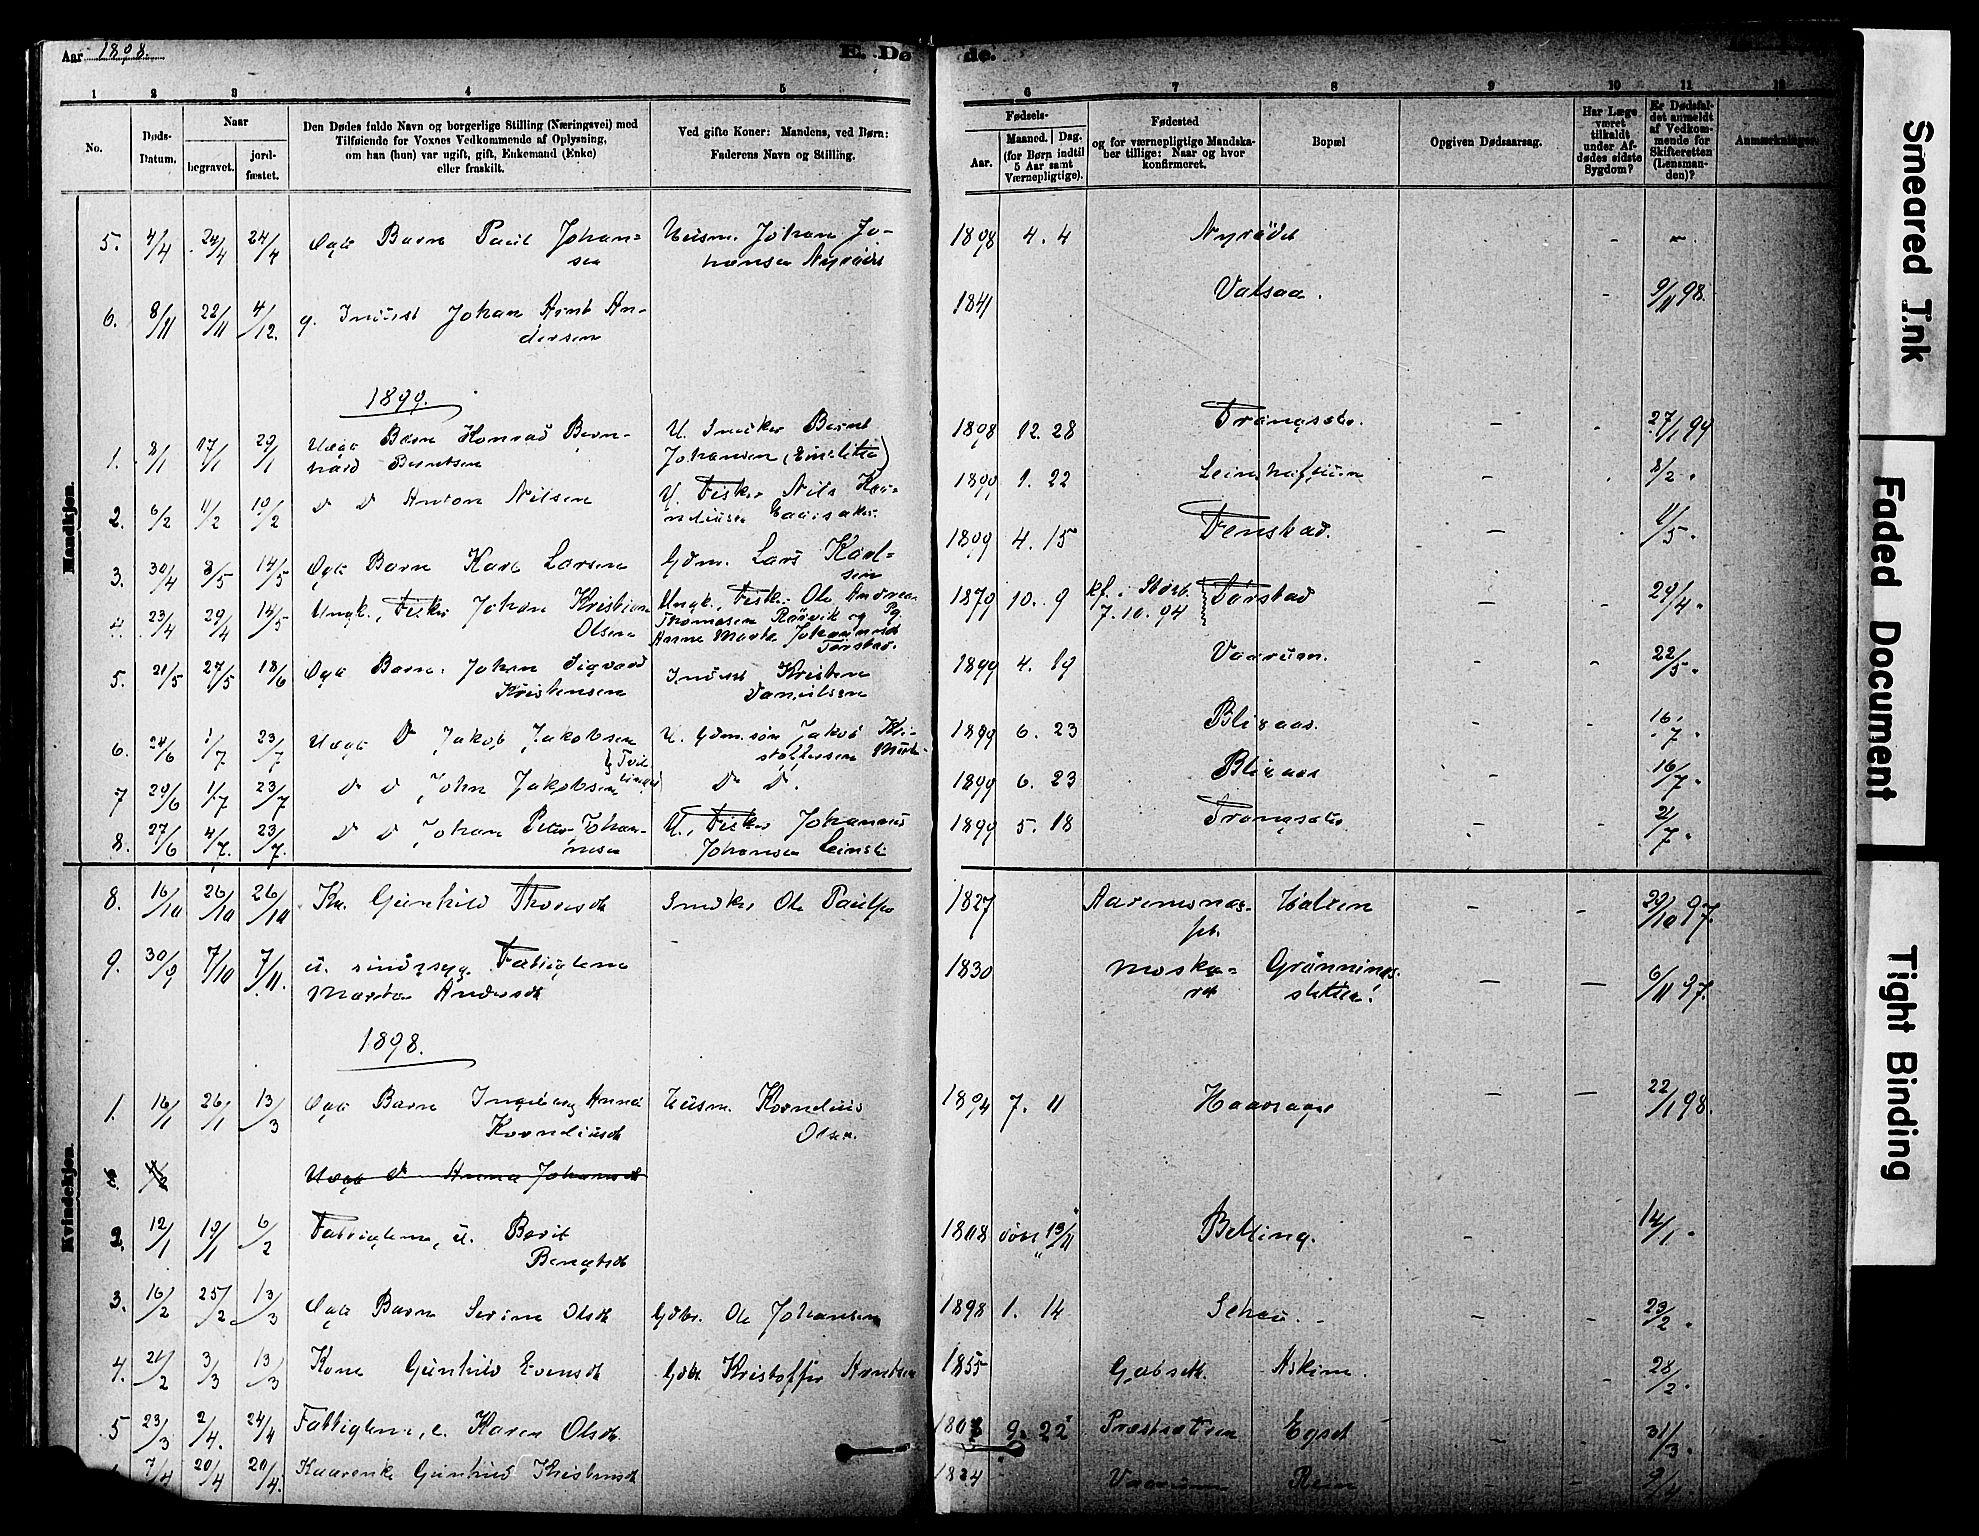 SAT, Ministerialprotokoller, klokkerbøker og fødselsregistre - Sør-Trøndelag, 646/L0615: Ministerialbok nr. 646A13, 1885-1900